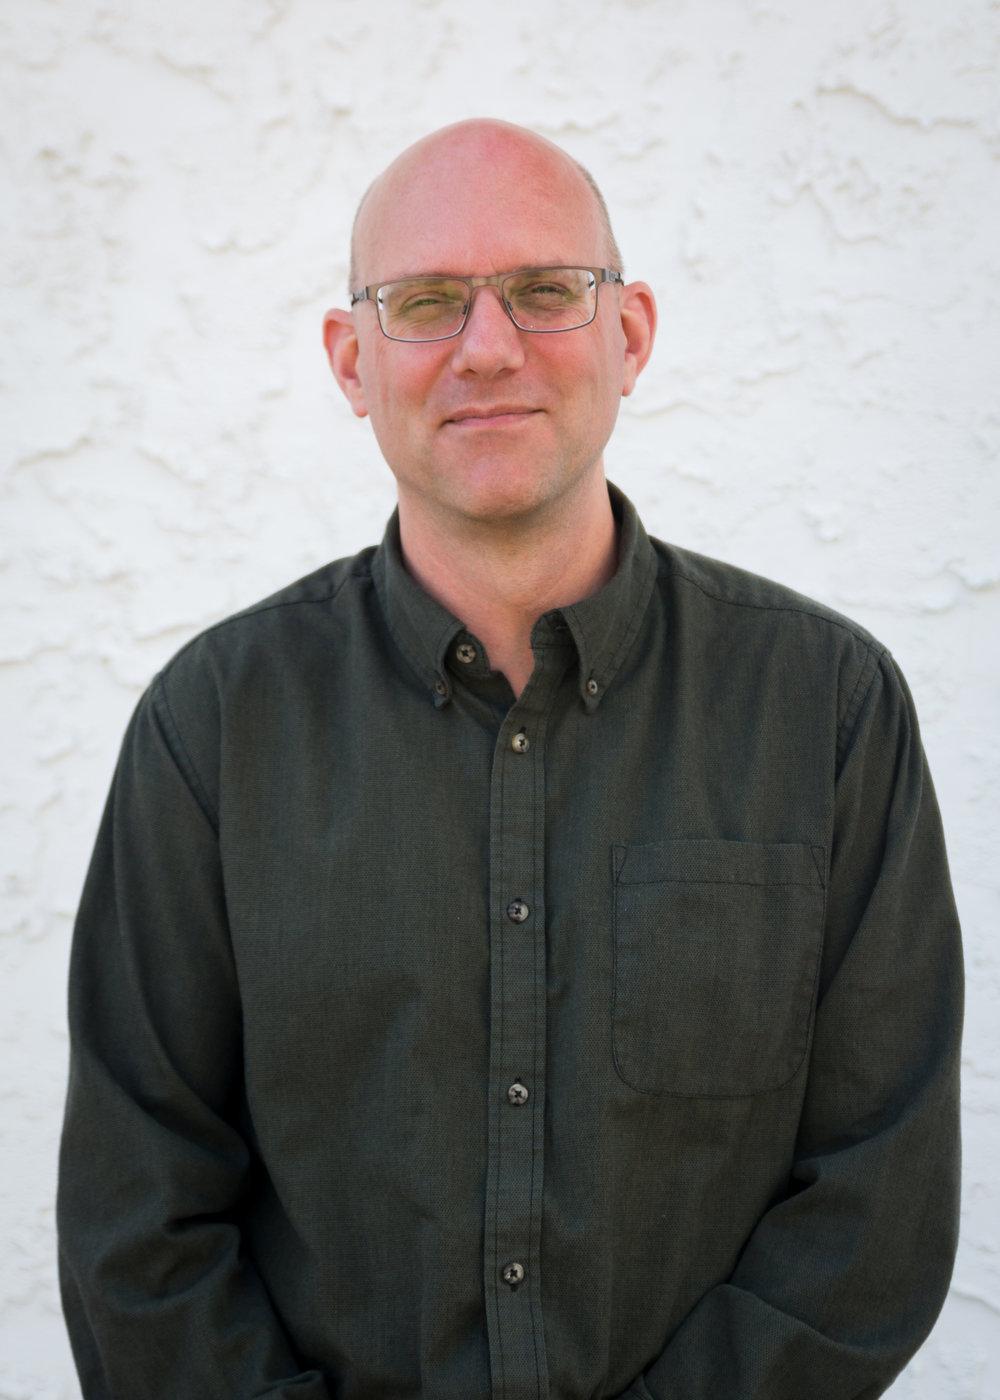 Pastor Doug Dunbar